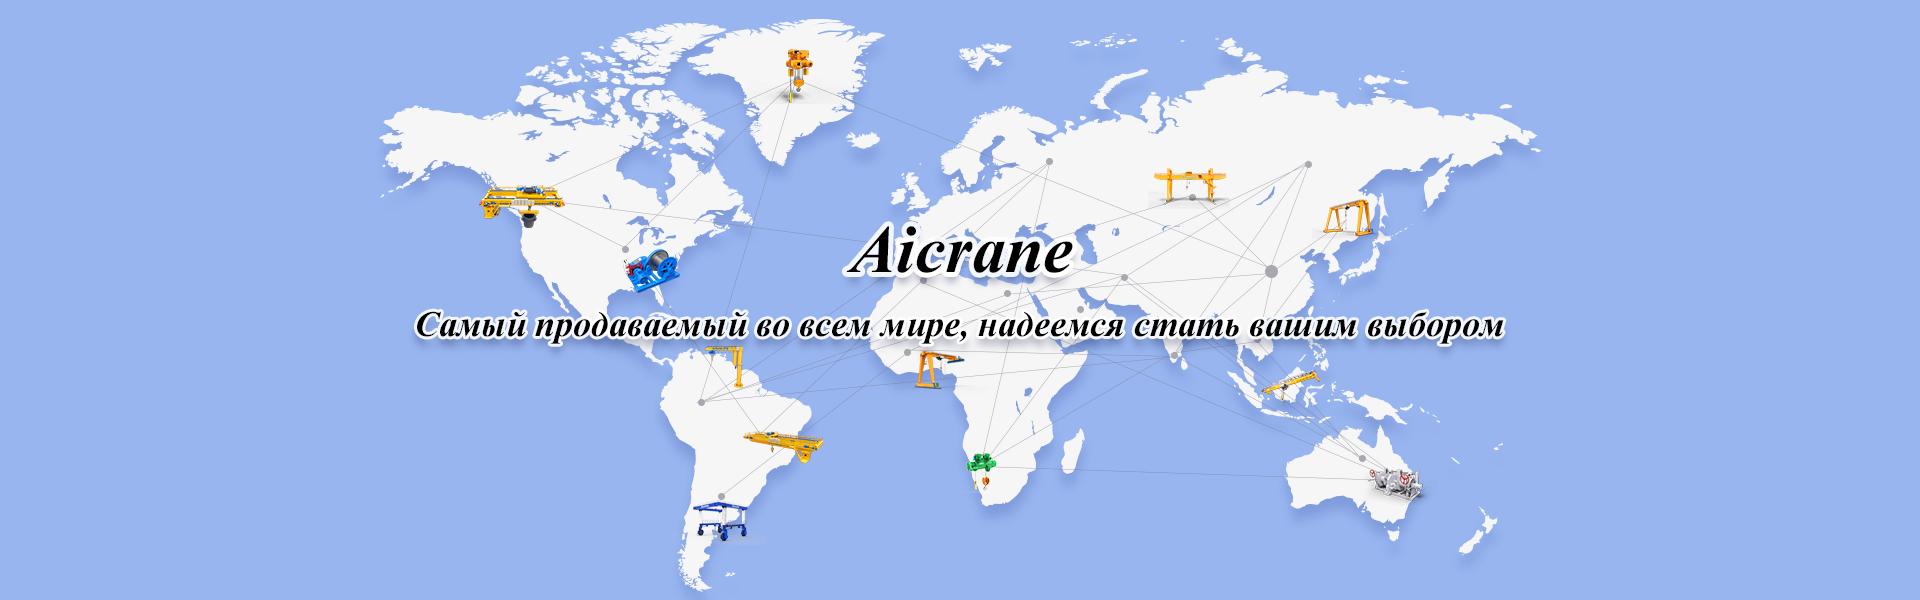 Баннер стран-экспортеров грузоподъемных оборудований